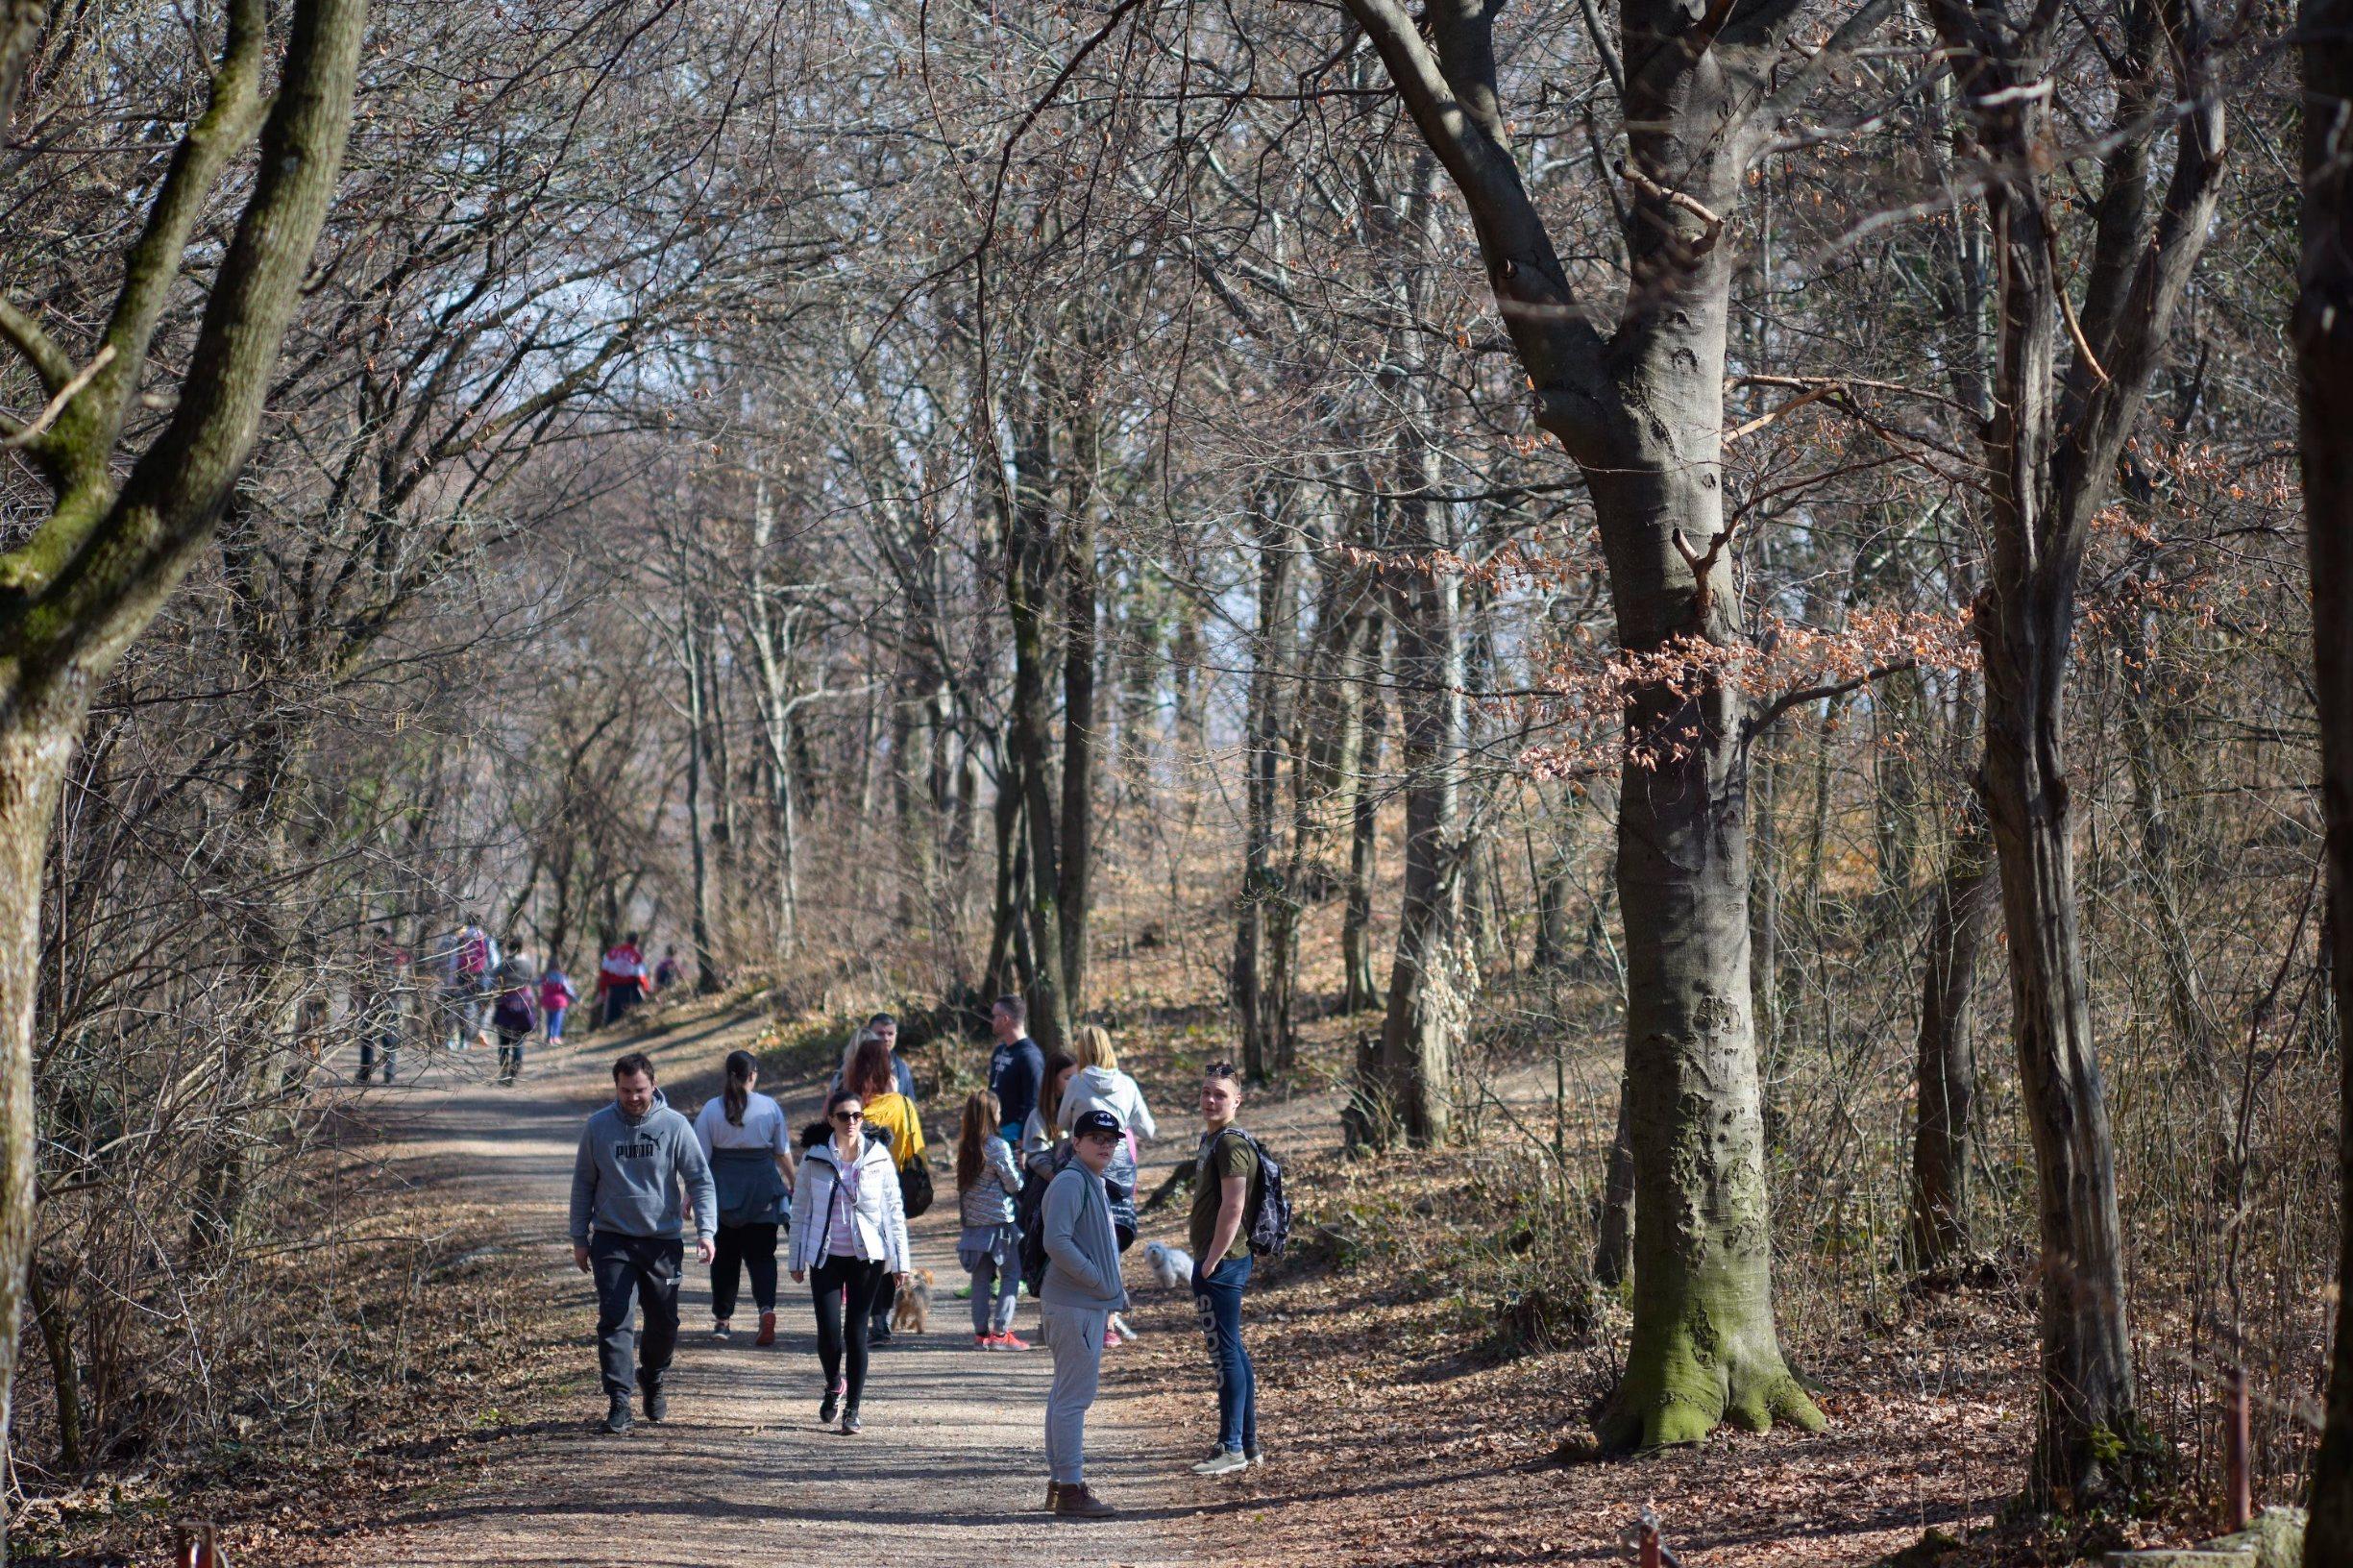 Zagreb, 040319. Park prirode Medvednica. Planinarska staza od Gornjeg Stenjevca do Ponikva na Medvednici. Foto: Darko Tomas / CROPIX